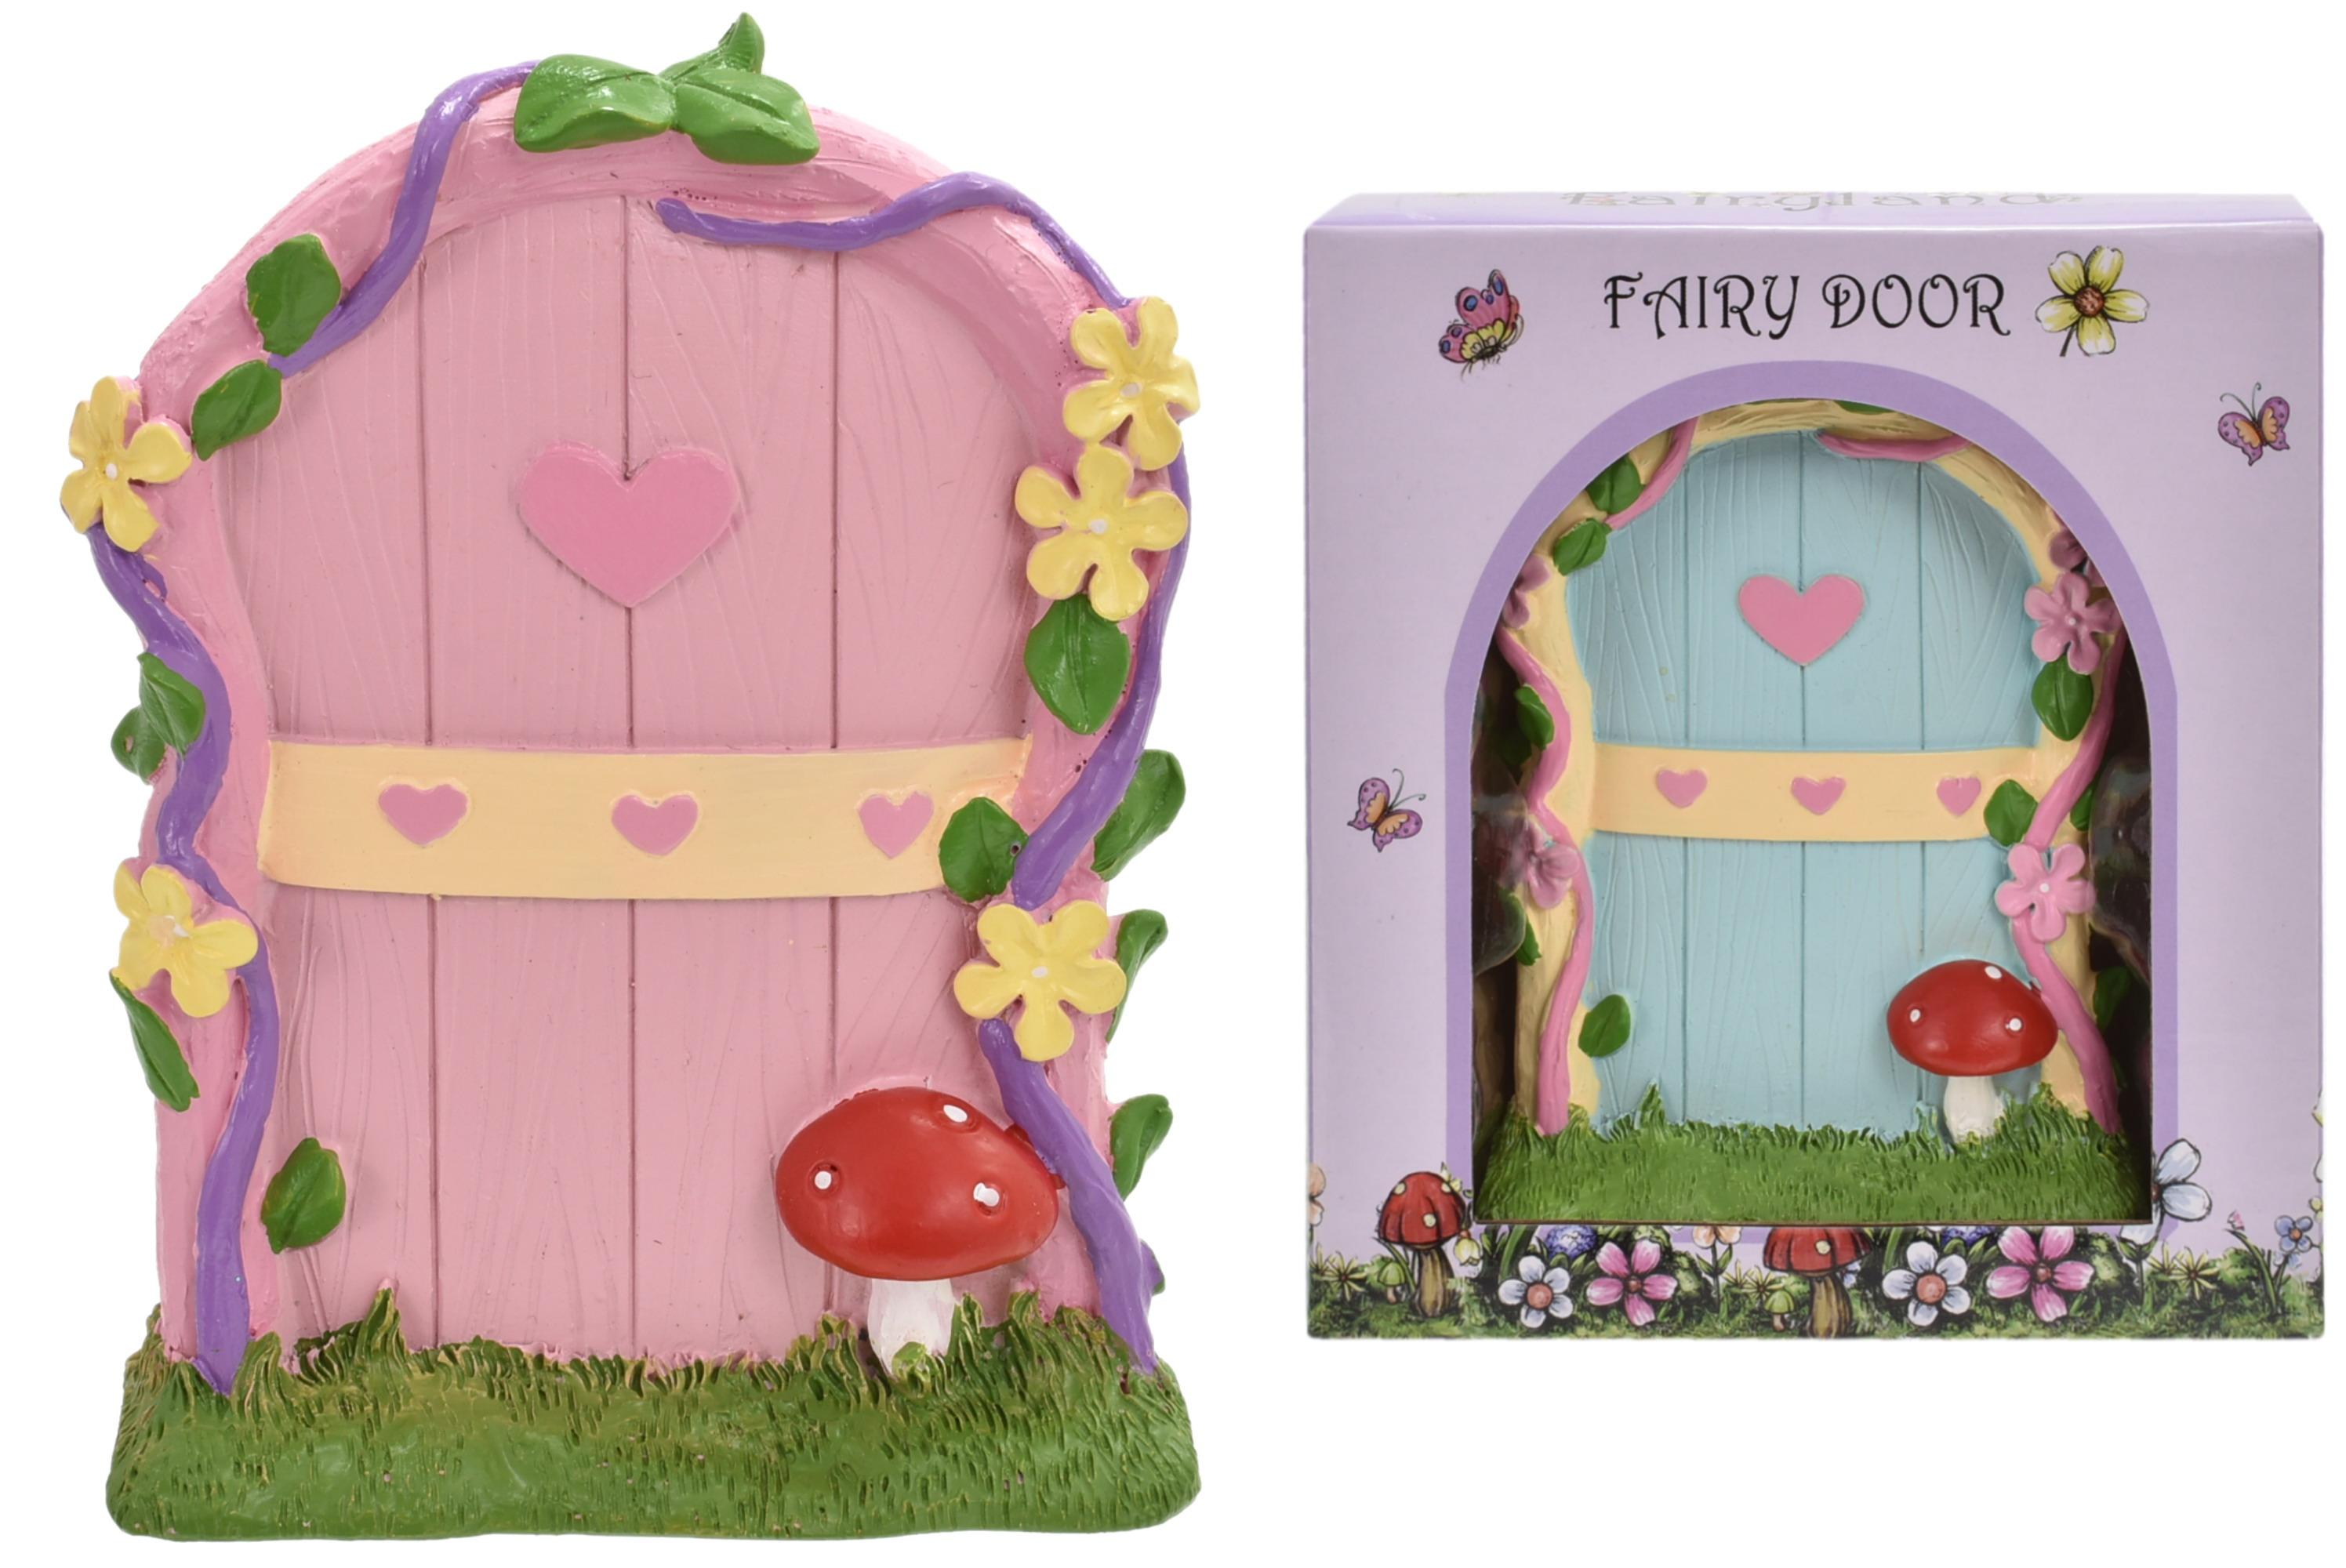 Fairyland Fairy Door With Mushroom